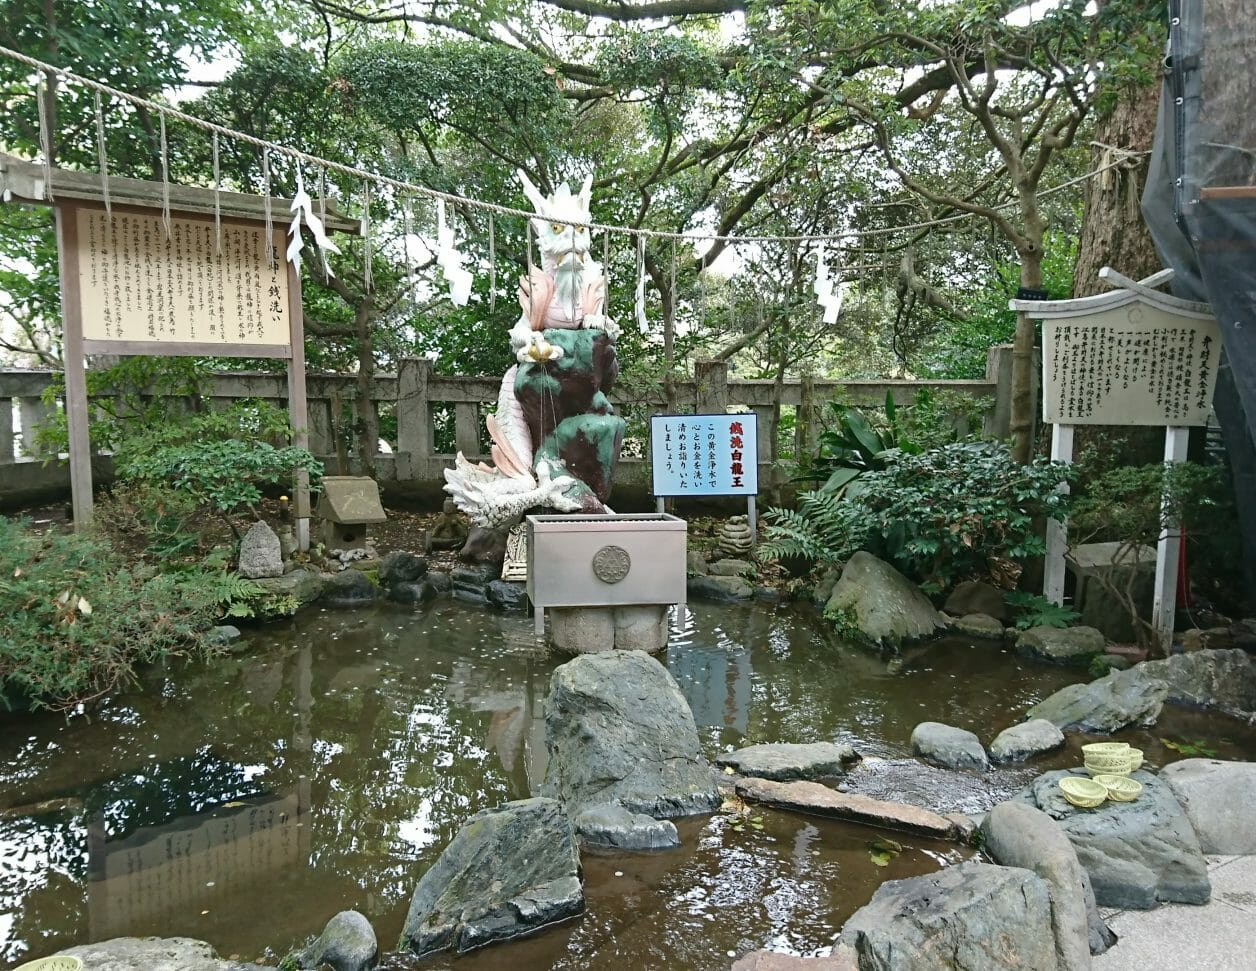 江ノ島神社の辺津宮にある白龍神の池銭洗い弁財天